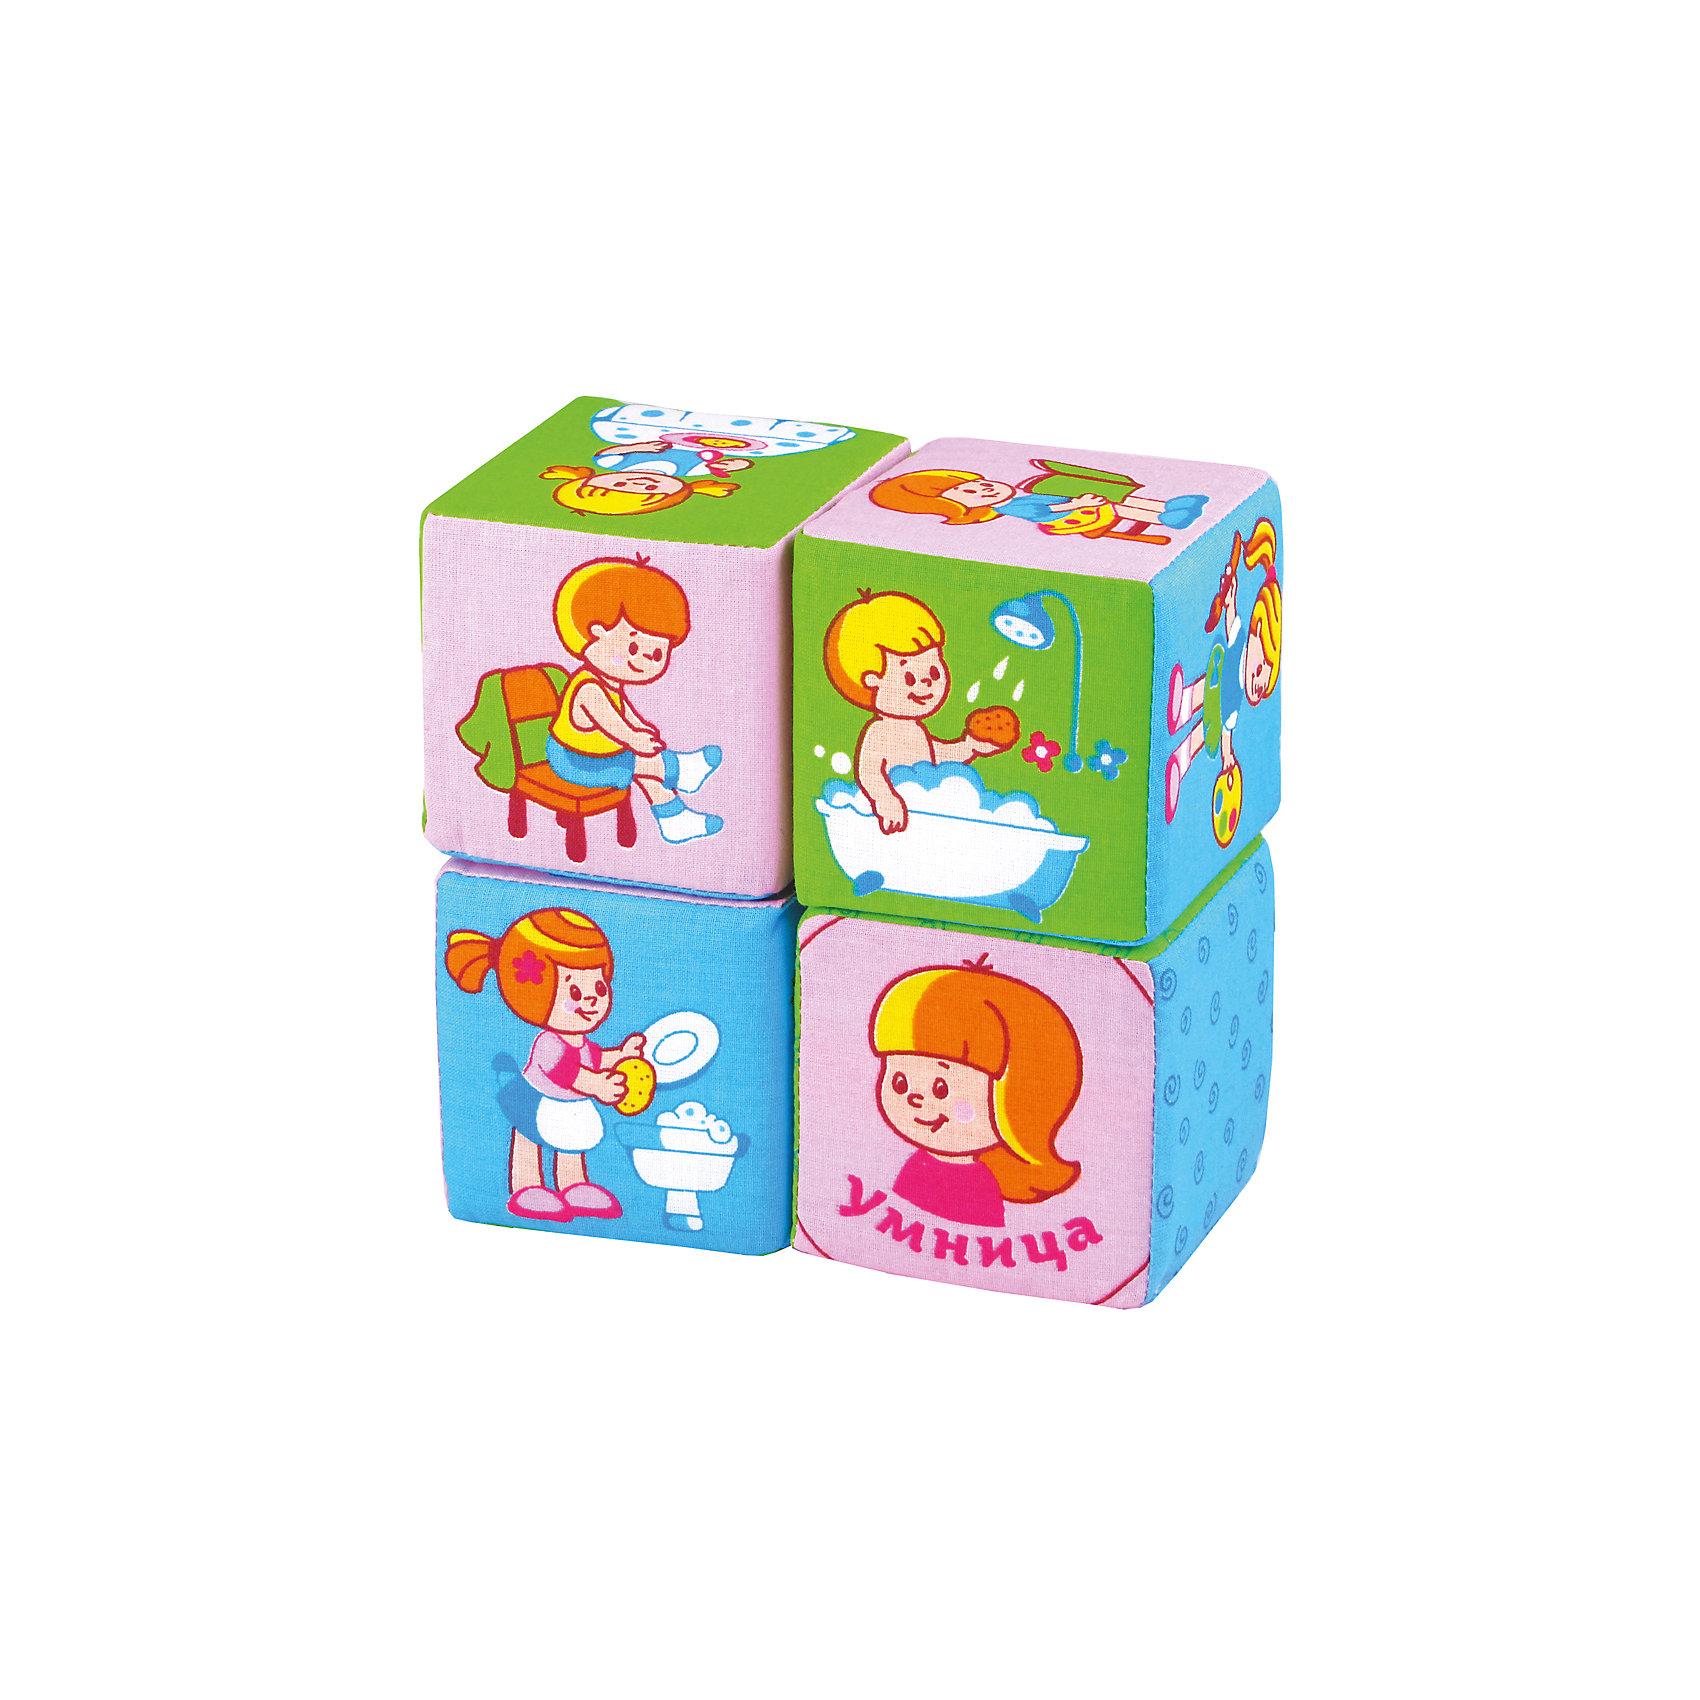 Кубики Режим дня, МякишиКубики<br>Кубики Режим дня, Мякиши, в веселой игровой форме поможет приучить малыша к распорядку дня: умываться, убирать за собой игрушки, заправлять постель и выполнять другие полезные действия. Игрушка выполнена в виде мягких красочных кубиков, на трех из них изображены 16 заданий для малыша на каждый день, на четвертом кубике изображены молодец и умница для оценки деятельности малыша. Форма и содержание набора разработаны с учётом возрастных особенностей ребёнка. Красочные кубики с картинками-заданиями сделают обучение доступным и интересным. Ребенок узнает и сможет запомнить основные и дополнительные цвета, обязательные ежедневные дела, которые есть у каждого человека, научится соотносить время суток и соответствующие трудовые и бытовые действия людей. Кубики изготовлены из мягких, приятных на ощупь гипоаллергенных материалов. Способствуют развитию у малыша мышления, речи, мелкой моторики, памяти, внимания, усидчивости, самостоятельности.<br><br>Дополнительная информация:<br><br>- В комплекте: 4 кубика.<br>- Материал: 100% х/б ткань, поролон.<br>- Размер кубика: 8 х 8 см. <br>- Размер упаковки: 28 х 17 х 8 см.<br>- Вес: 0,2 кг.<br><br>Кубики Режим дня, Мякиши, можно купить в нашем интернет-магазине.<br><br>Ширина мм: 280<br>Глубина мм: 170<br>Высота мм: 80<br>Вес г: 200<br>Возраст от месяцев: 12<br>Возраст до месяцев: 36<br>Пол: Унисекс<br>Возраст: Детский<br>SKU: 4424935